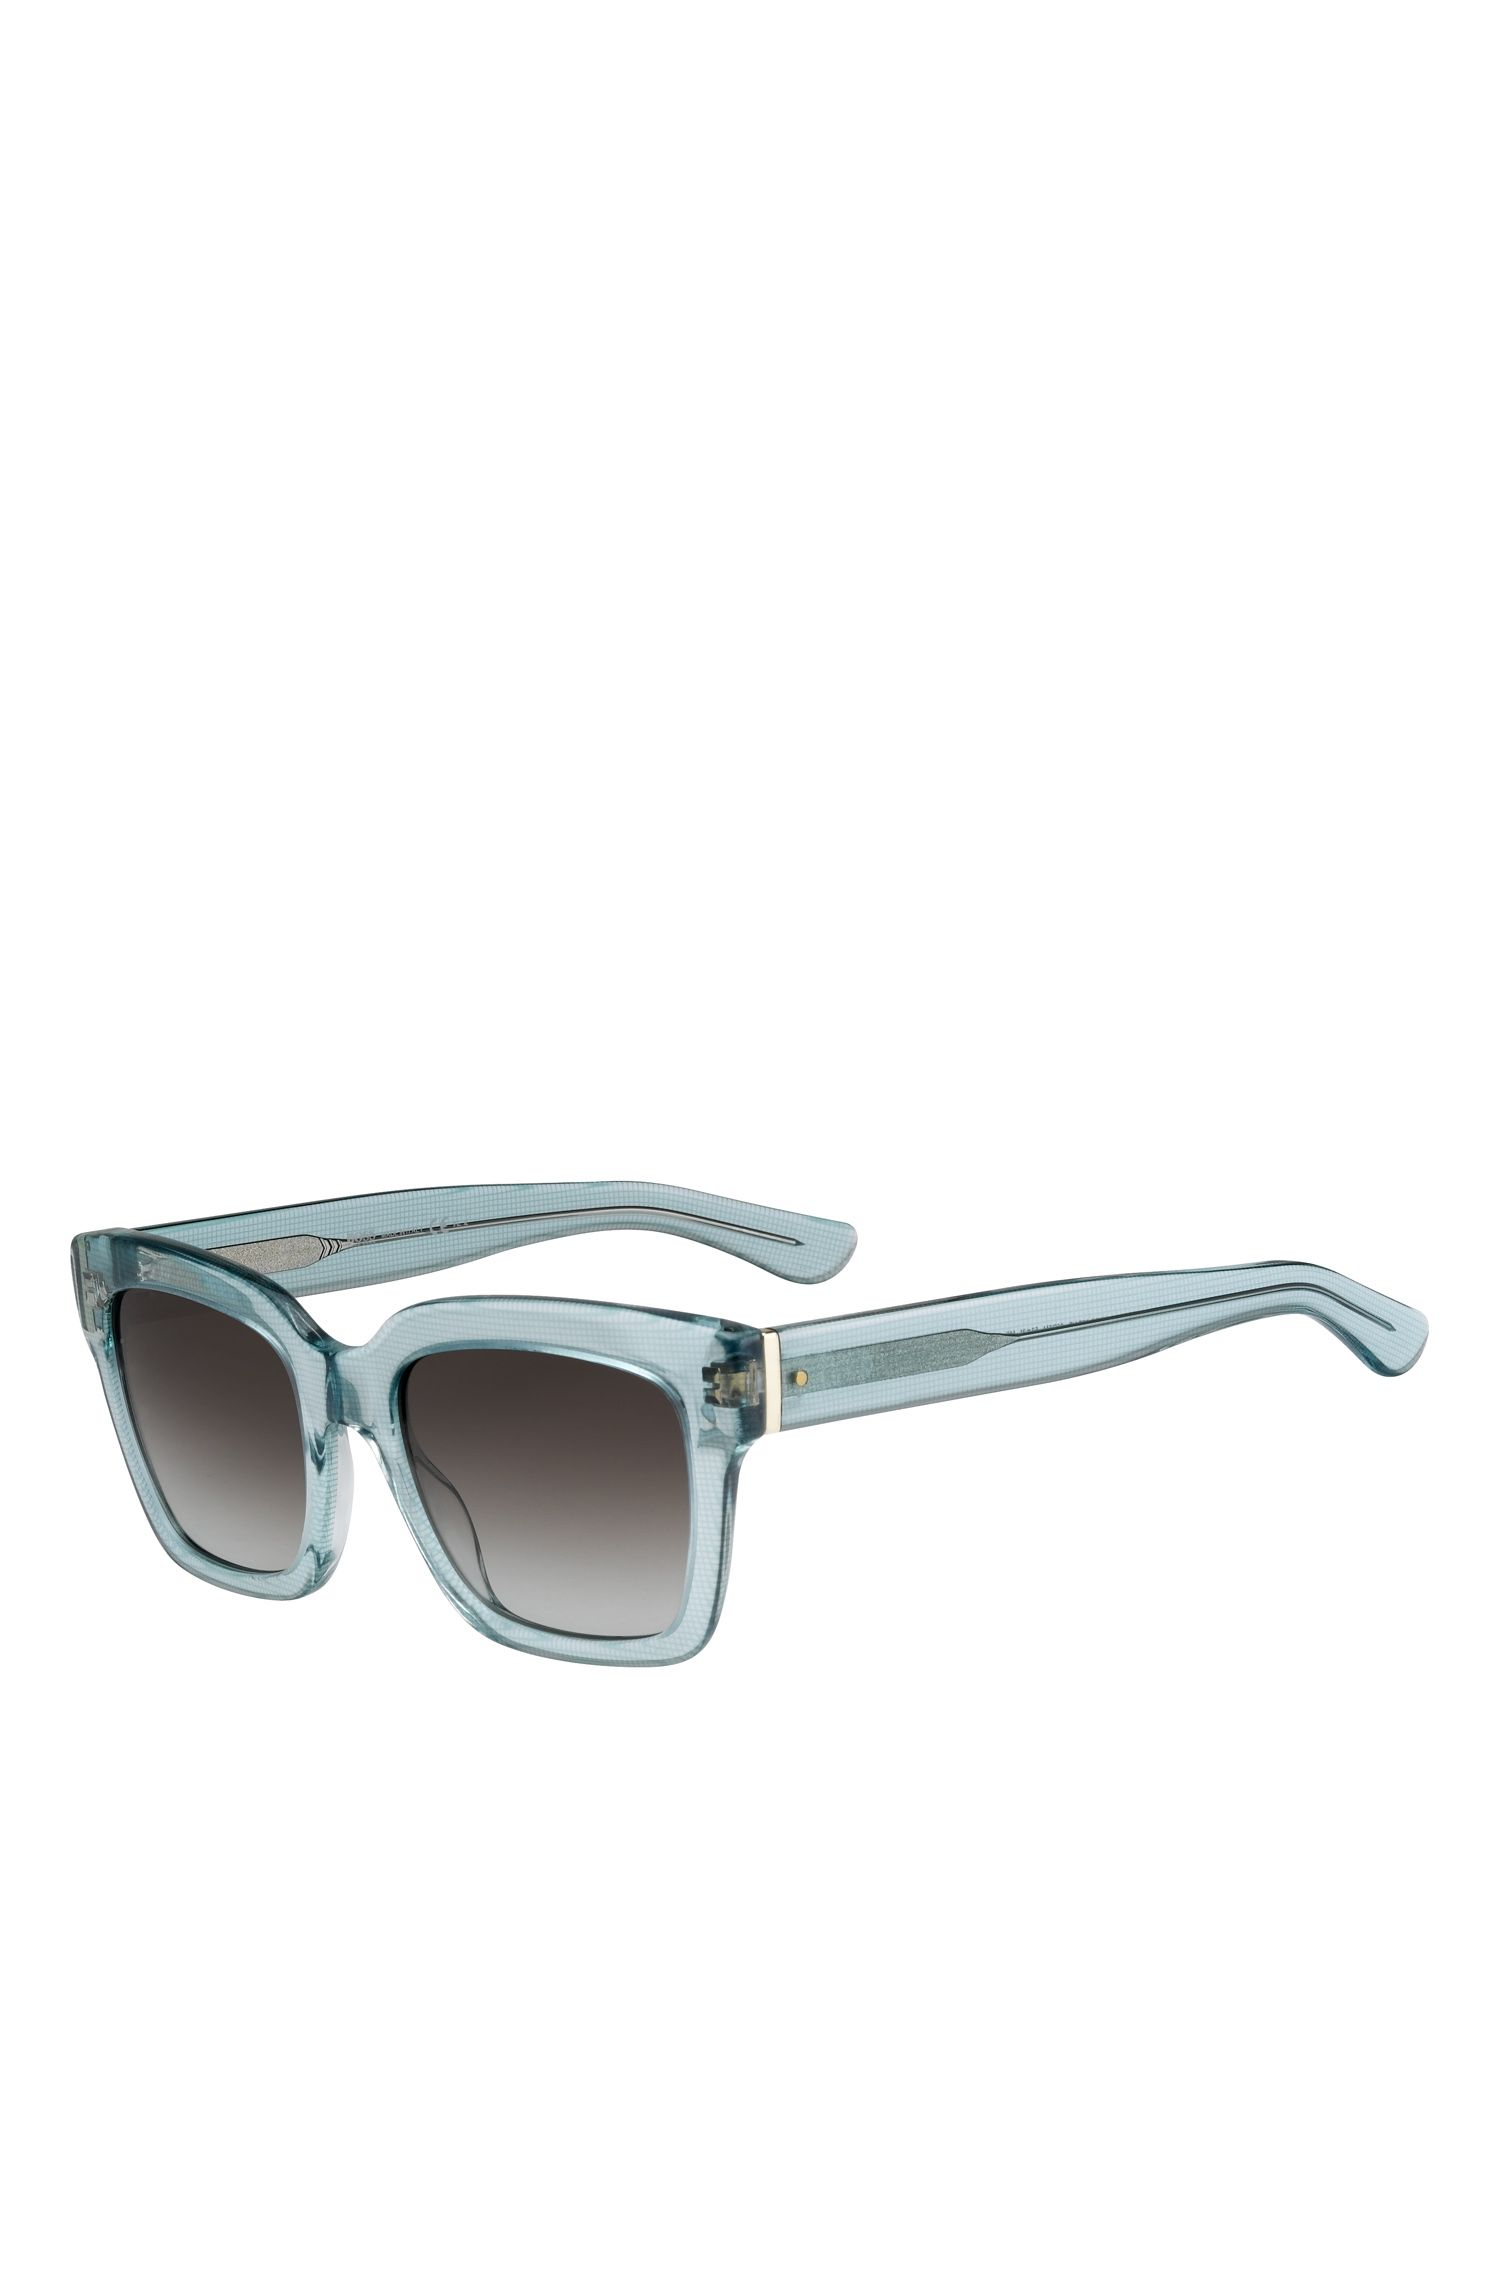 Gray Gradient Lens Rectangular Sunglasses  | BOSS 0674S